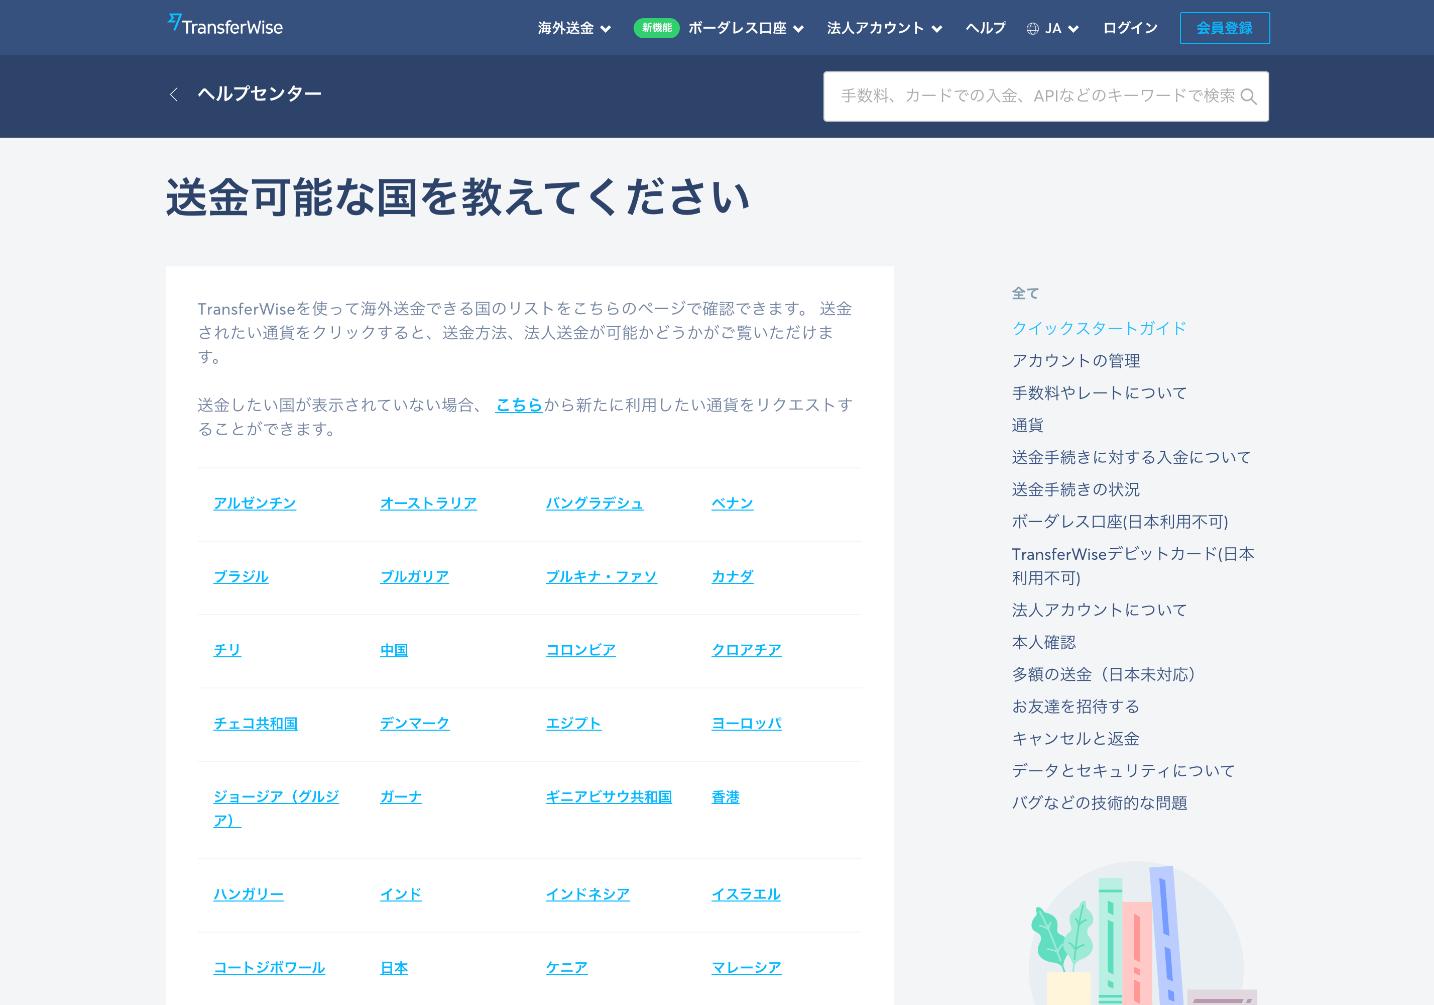 Transferwiseの利用可能国のページ。利用する前に、あなたの利用したい国がサポートされているかどうか確認しておきましょう。